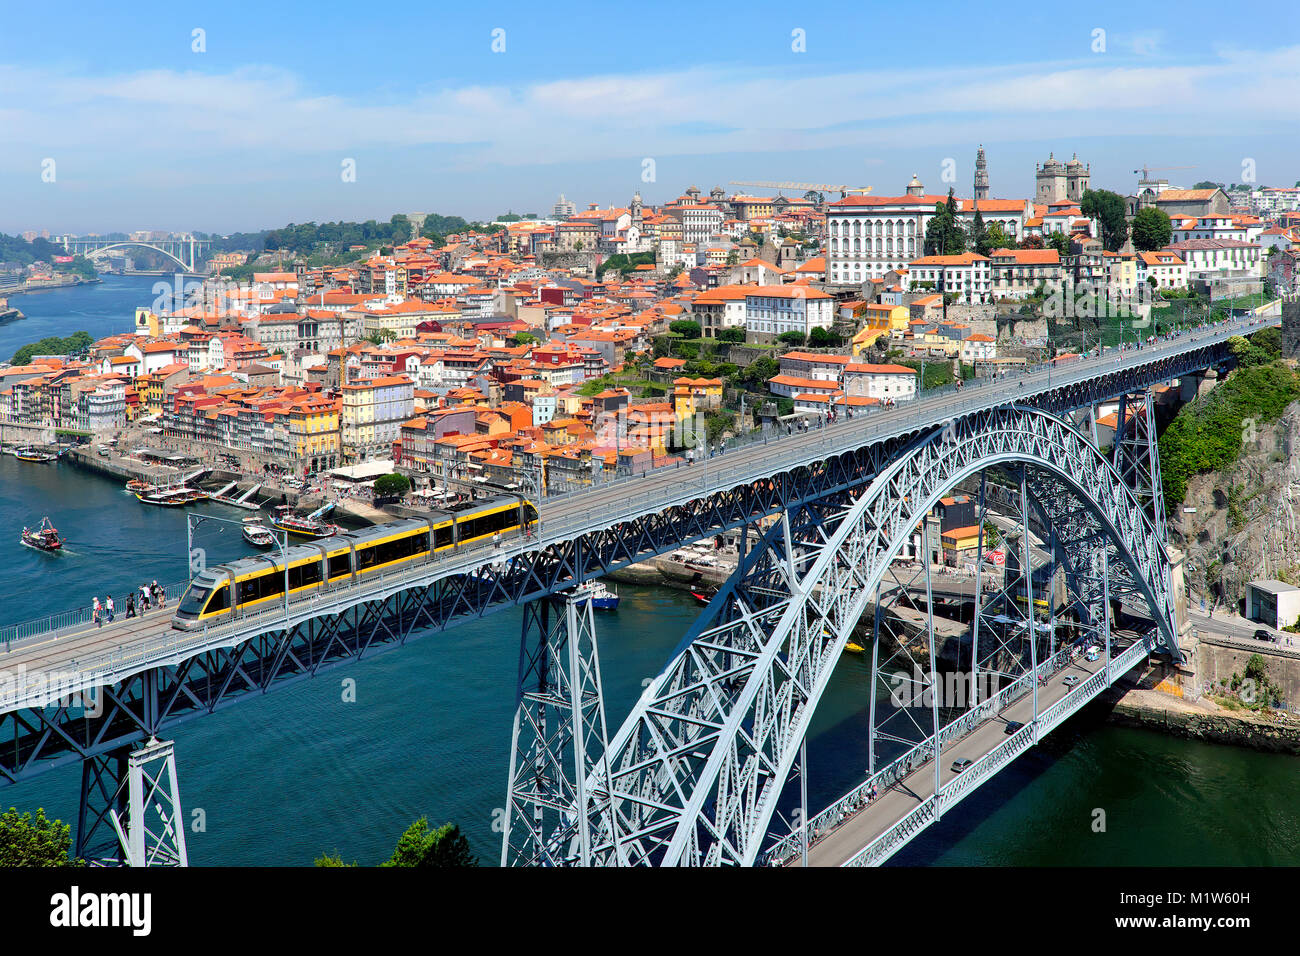 Metro train crossing the Douro River over Dom Luís I Bridge, Porto, Portugal - Stock Image